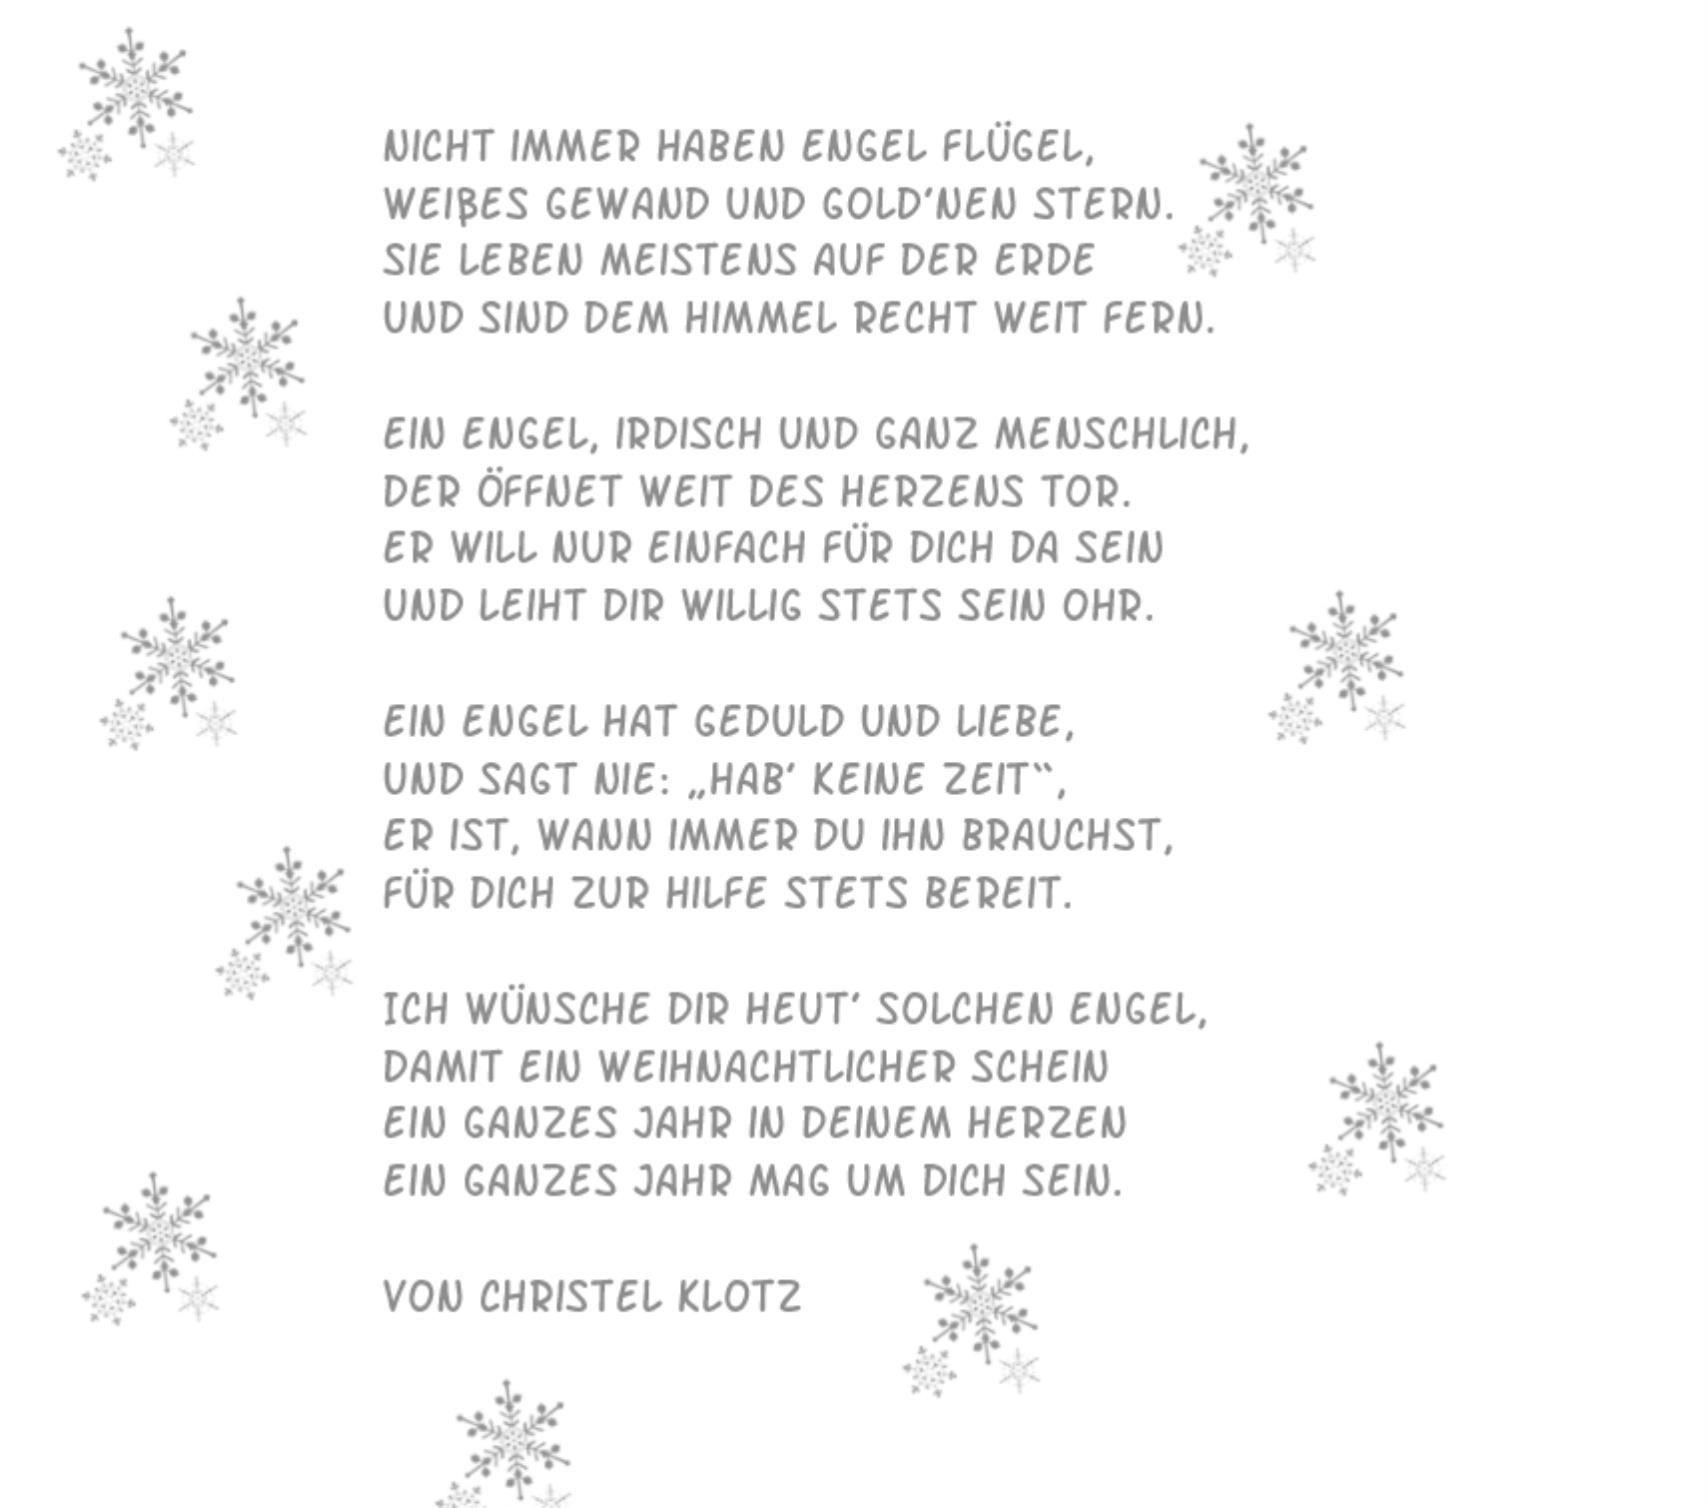 Weihnachtskarten Engel (Mit Bildern) | Gedicht Weihnachten bestimmt für Kurze Besinnliche Weihnachtsgeschichte